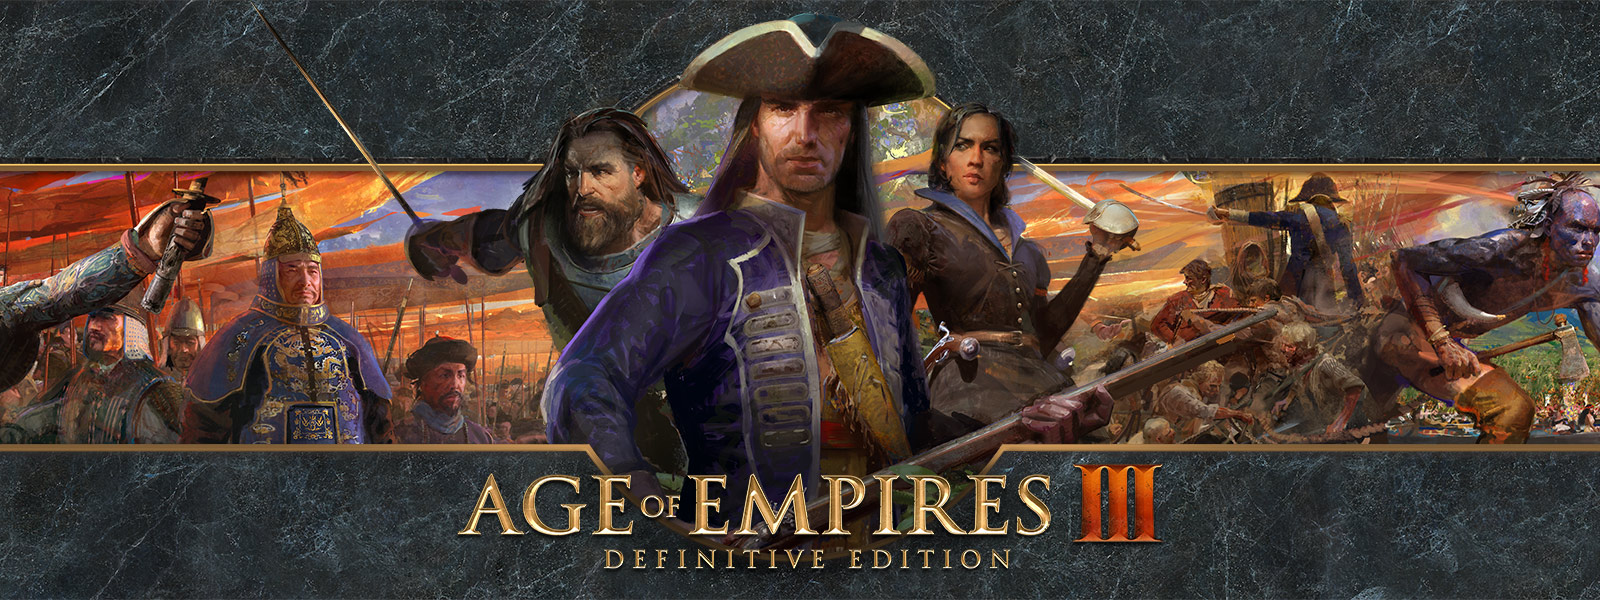 Logo Age of Empires III: Definitive Edition sur un fond représentant des chefs de guerre et leurs armées